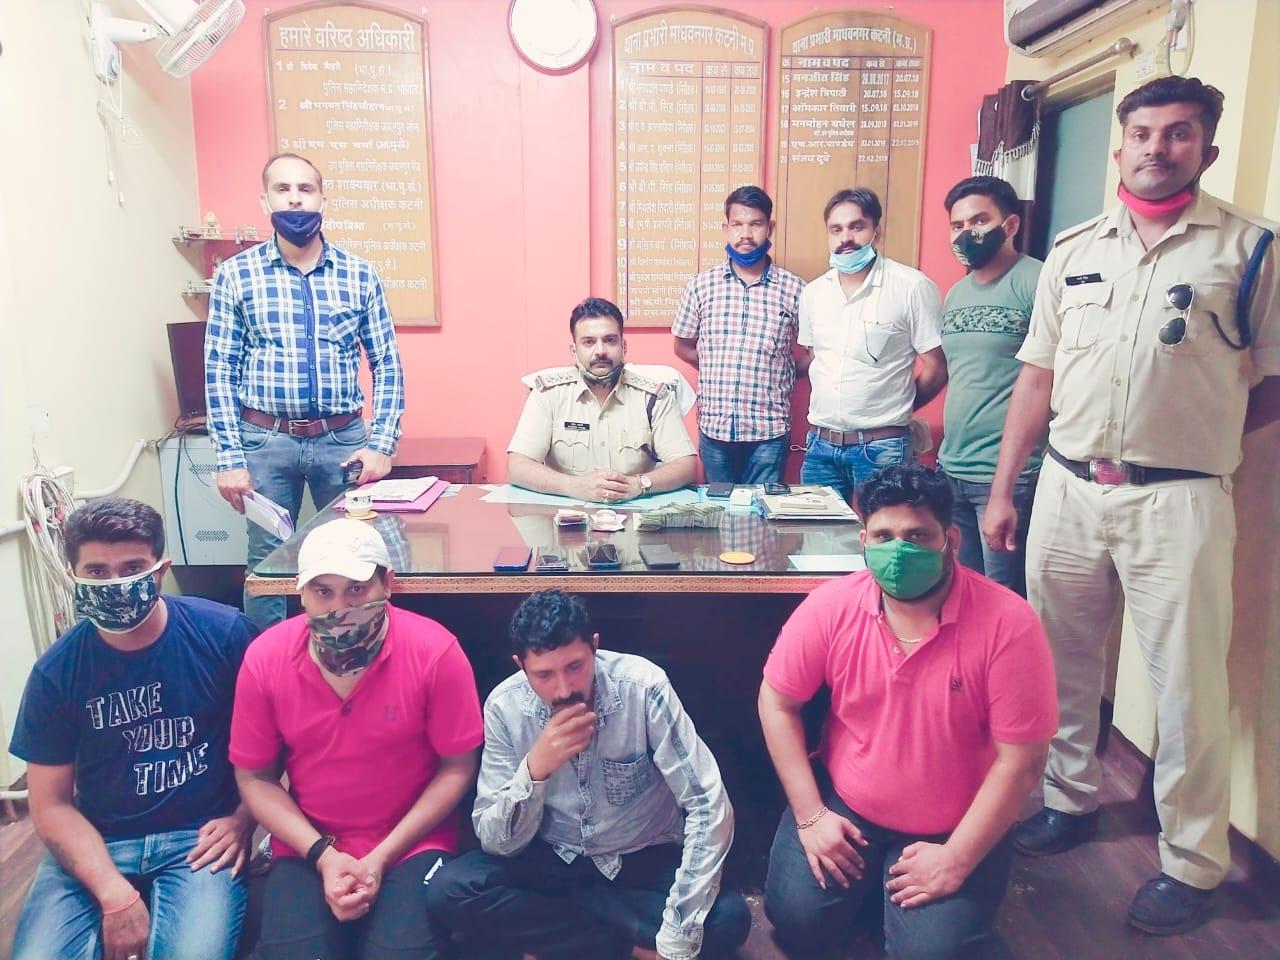 विदेशी क्रिकेट लीग सीपीएल पर सट्टा खिलाते कटनी के सरगना सहित सतना के चार बुकीज गिरफ्तार